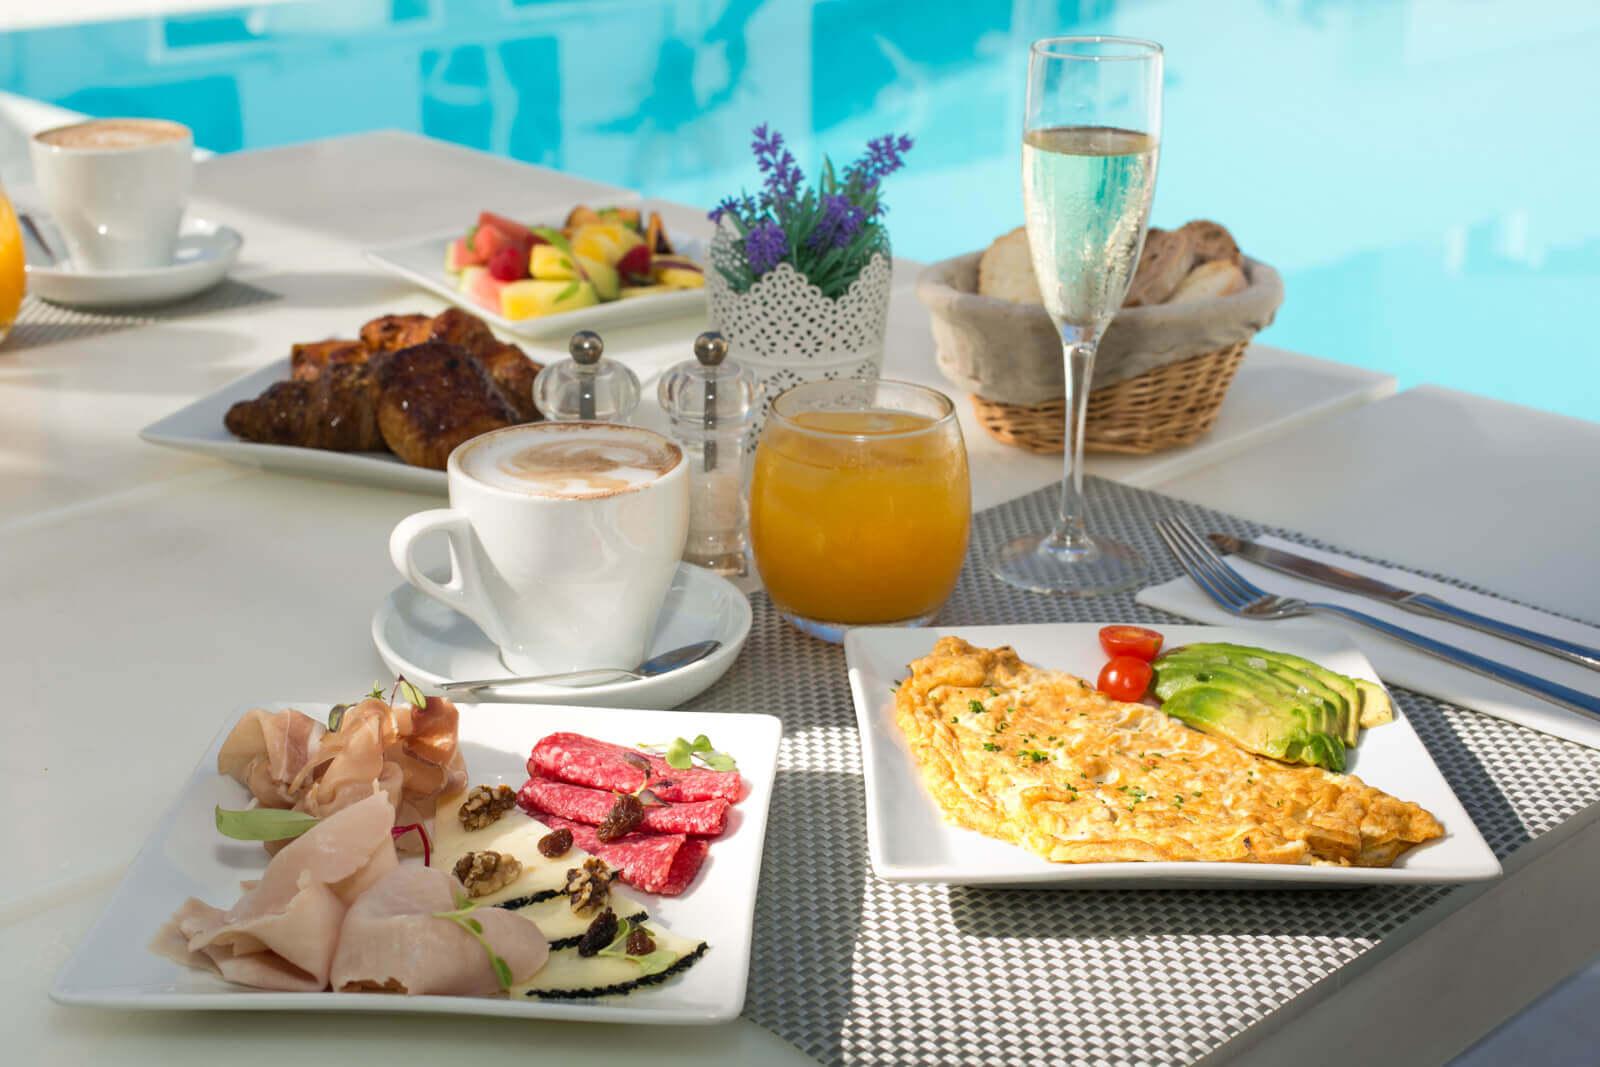 Zhero Hotel Palma Breakfast Poolside